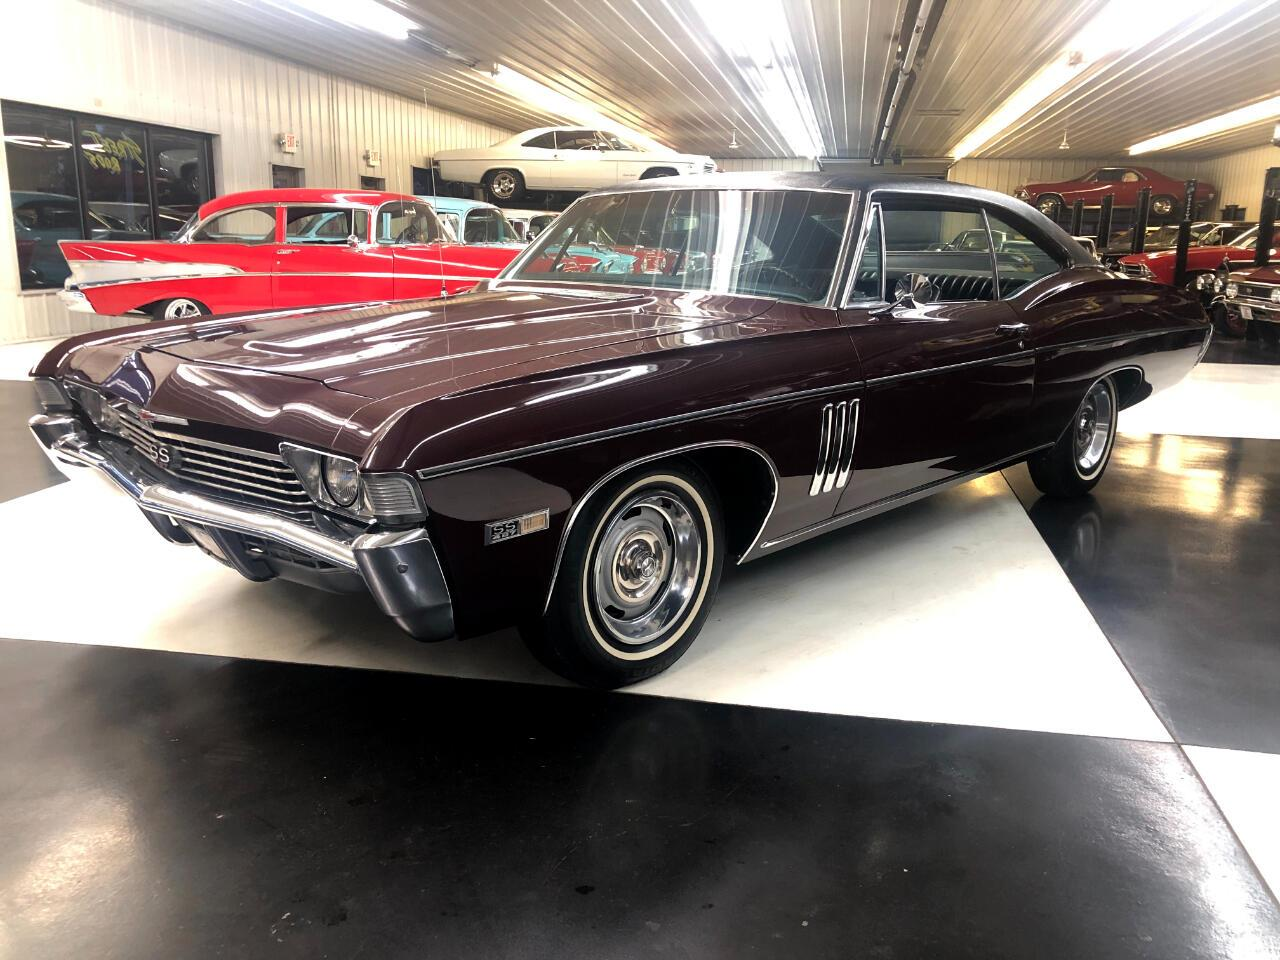 1968 Chevrolet Impala (CC-1393210) for sale in North Canton, Ohio